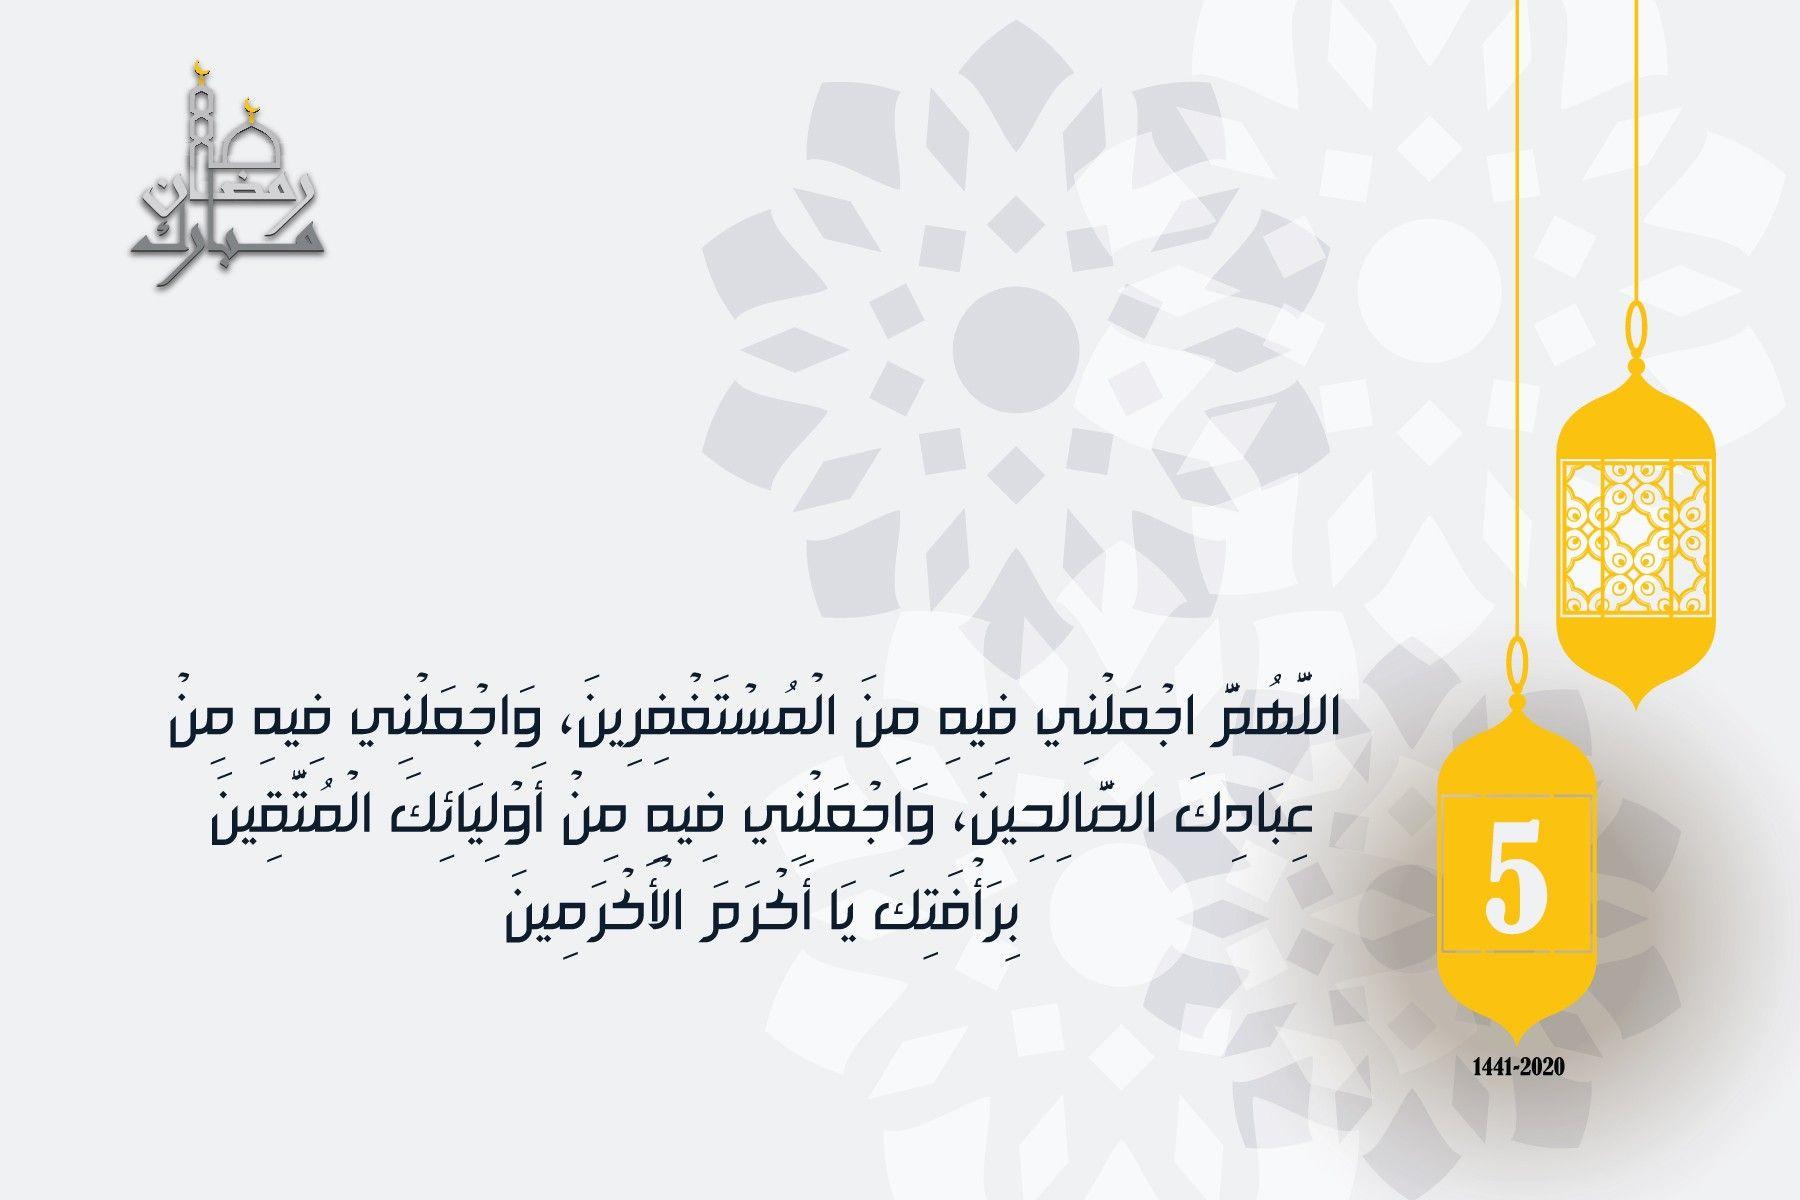 دعاء اليوم الخامس من رمضان رمضان كريم Ramadan Ramadan Fruit Pineapple